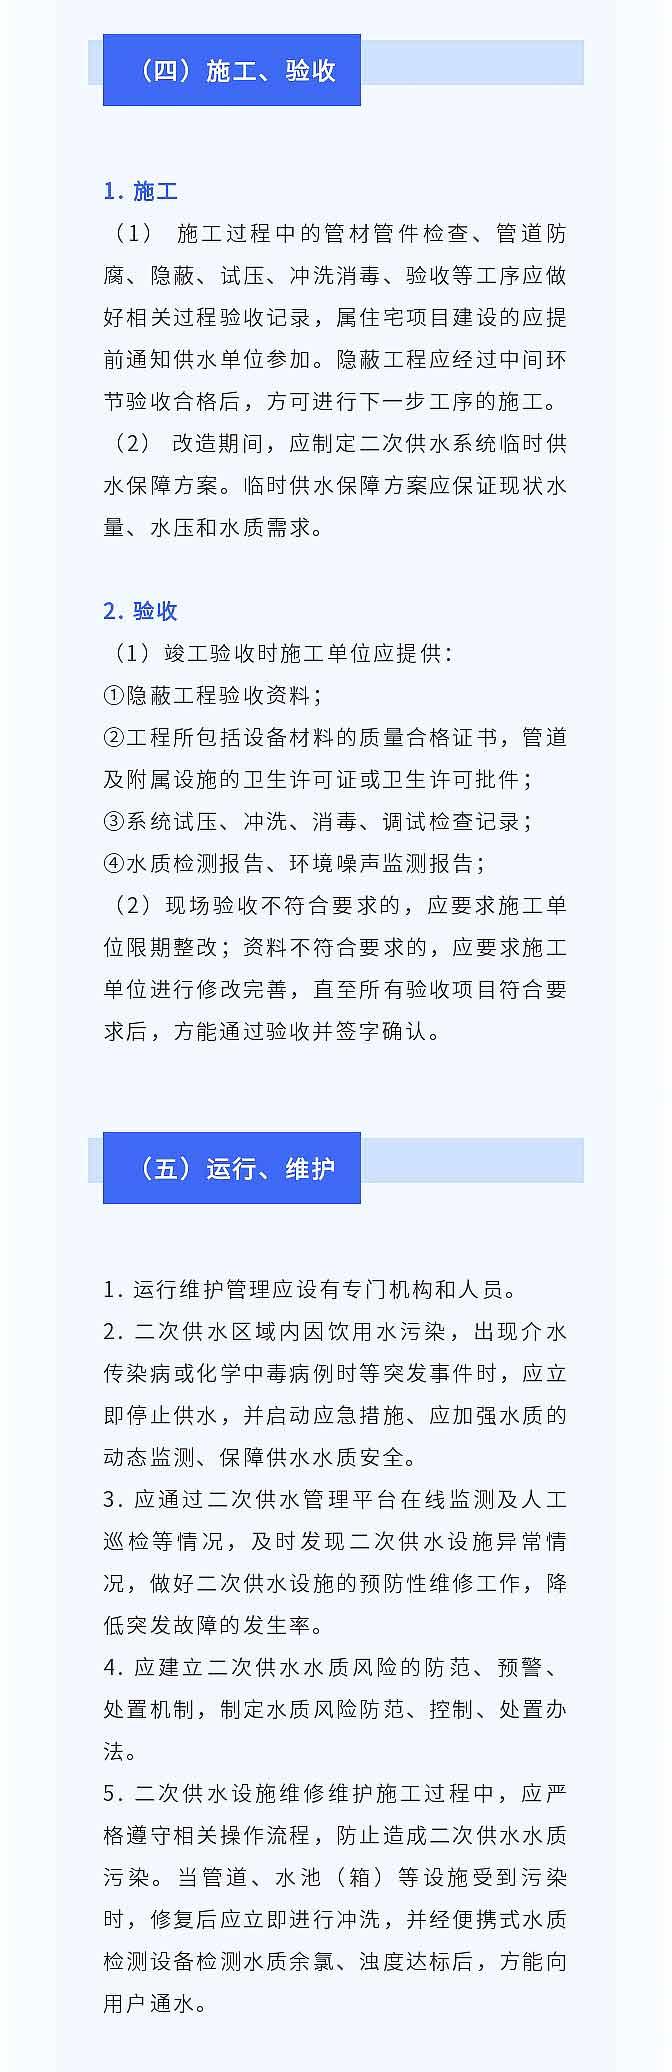 广州市水务局关于印发广州市生活饮用水品质提升技术指引要点(试行)的通知政策解读_04